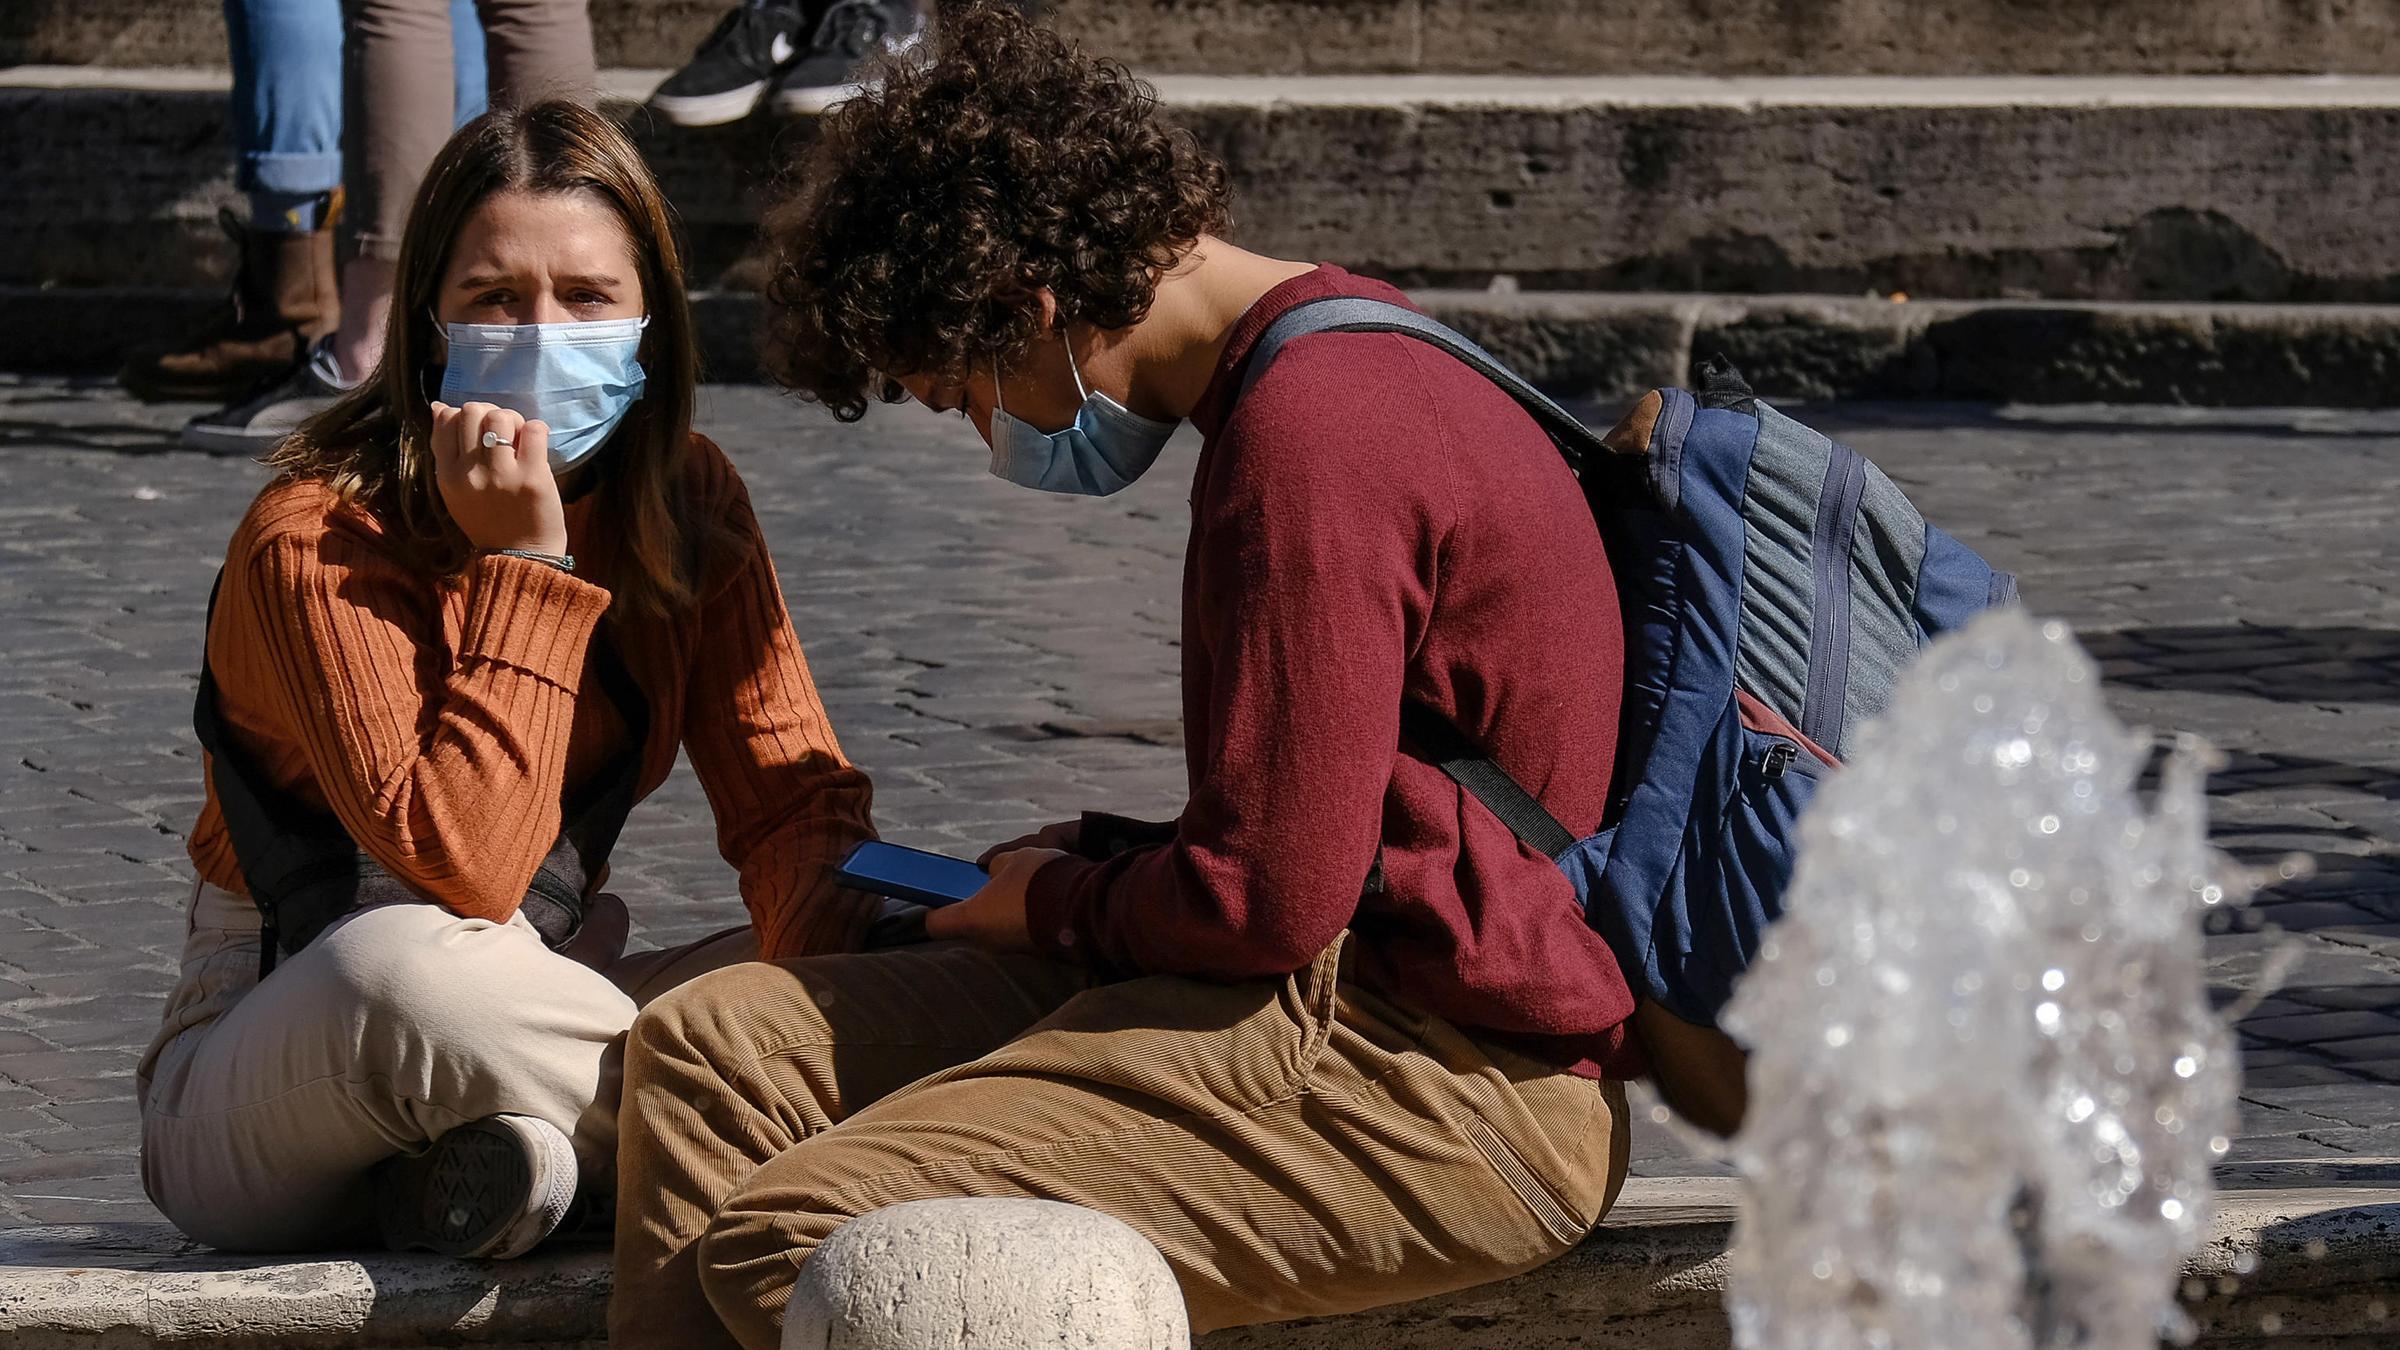 За что туристов из РФ ненавидят за границей в пандемию